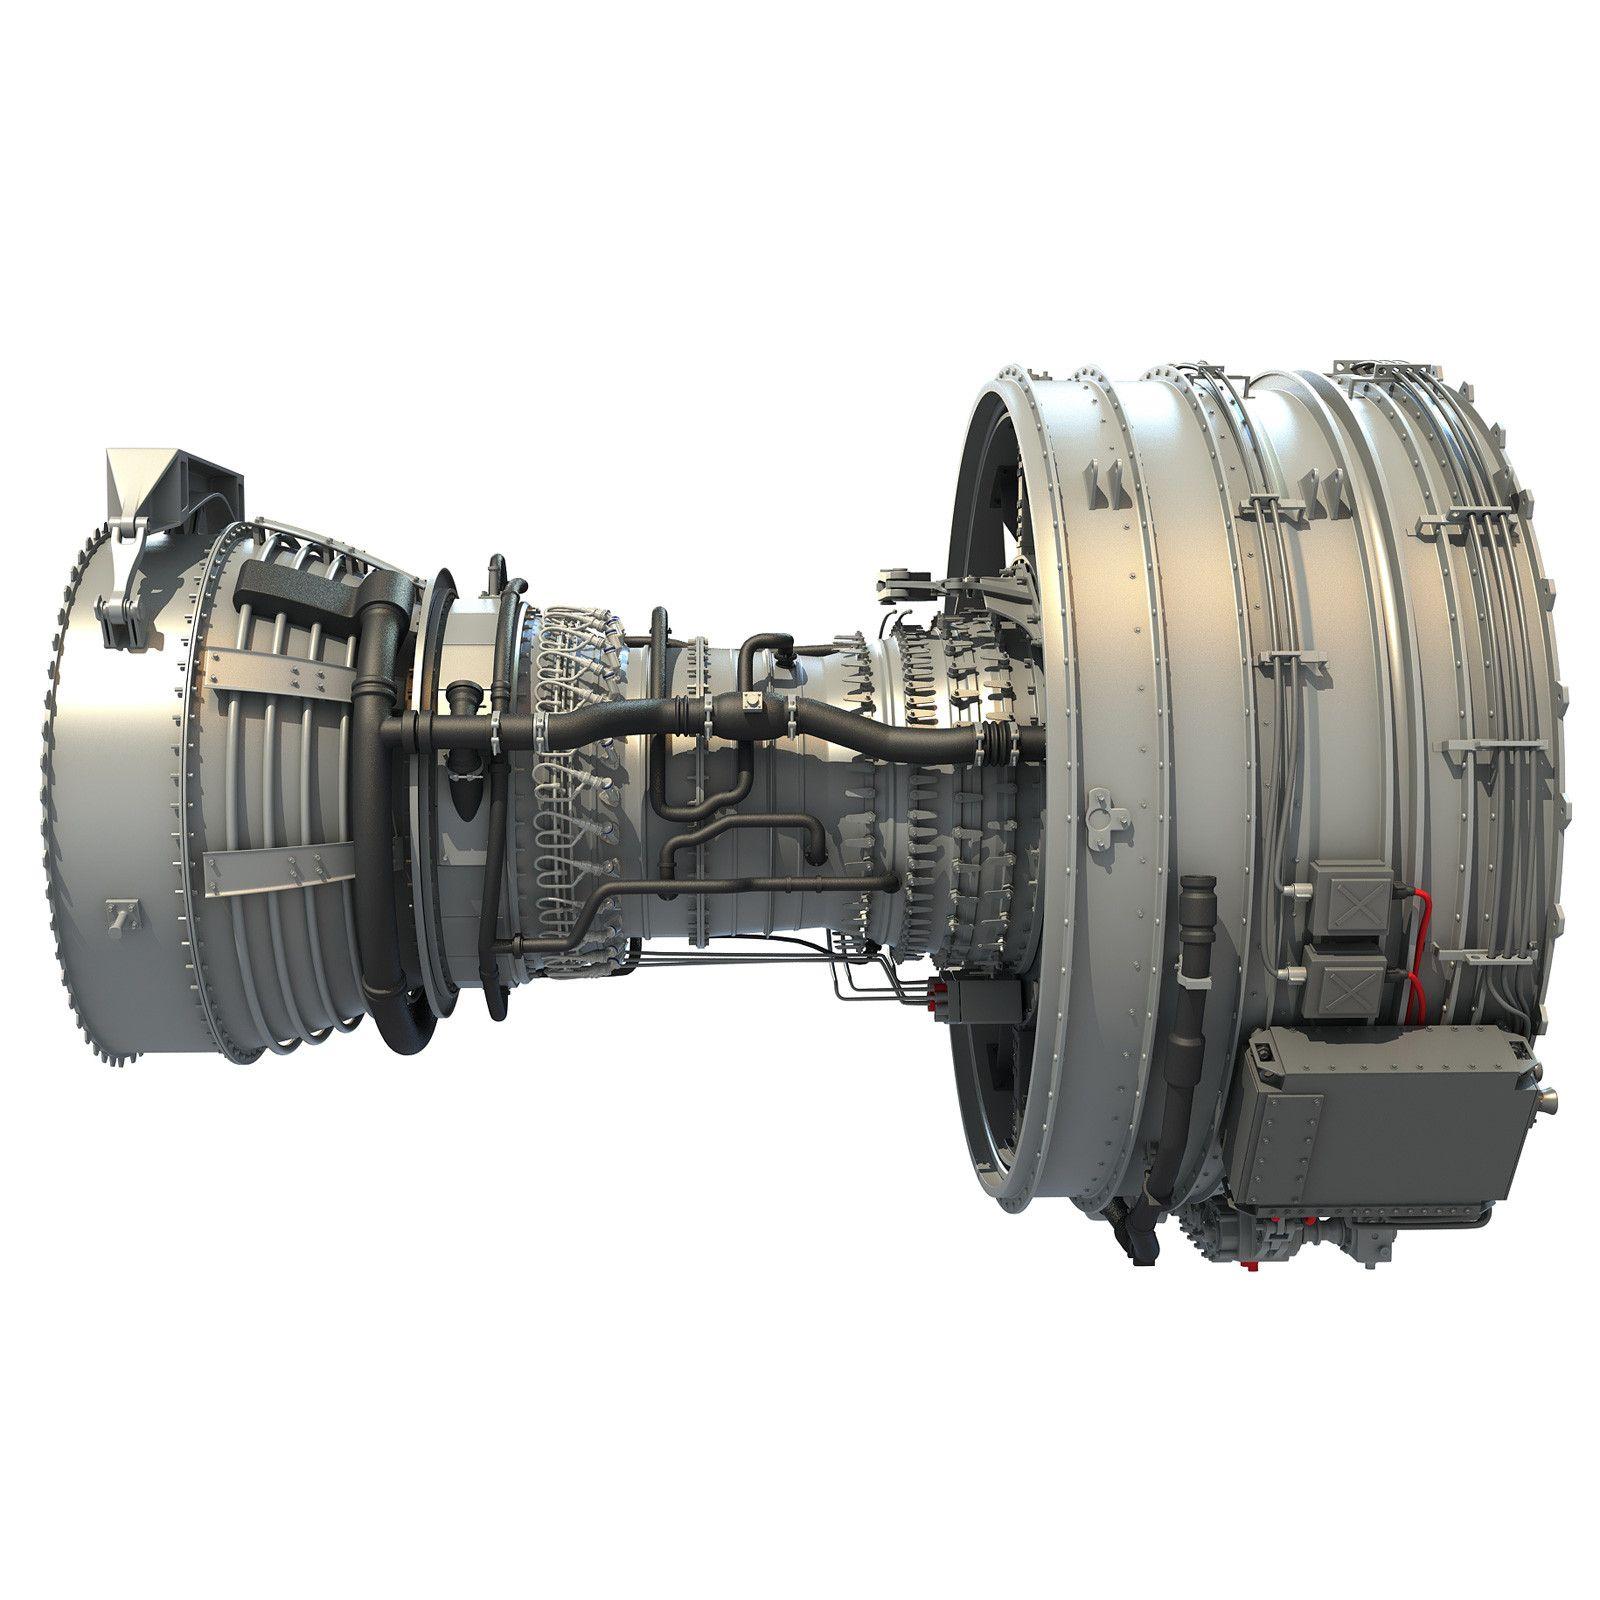 CFM International CFM56 Turbofan Aircraft Jet Engine   3D Aircraft ...